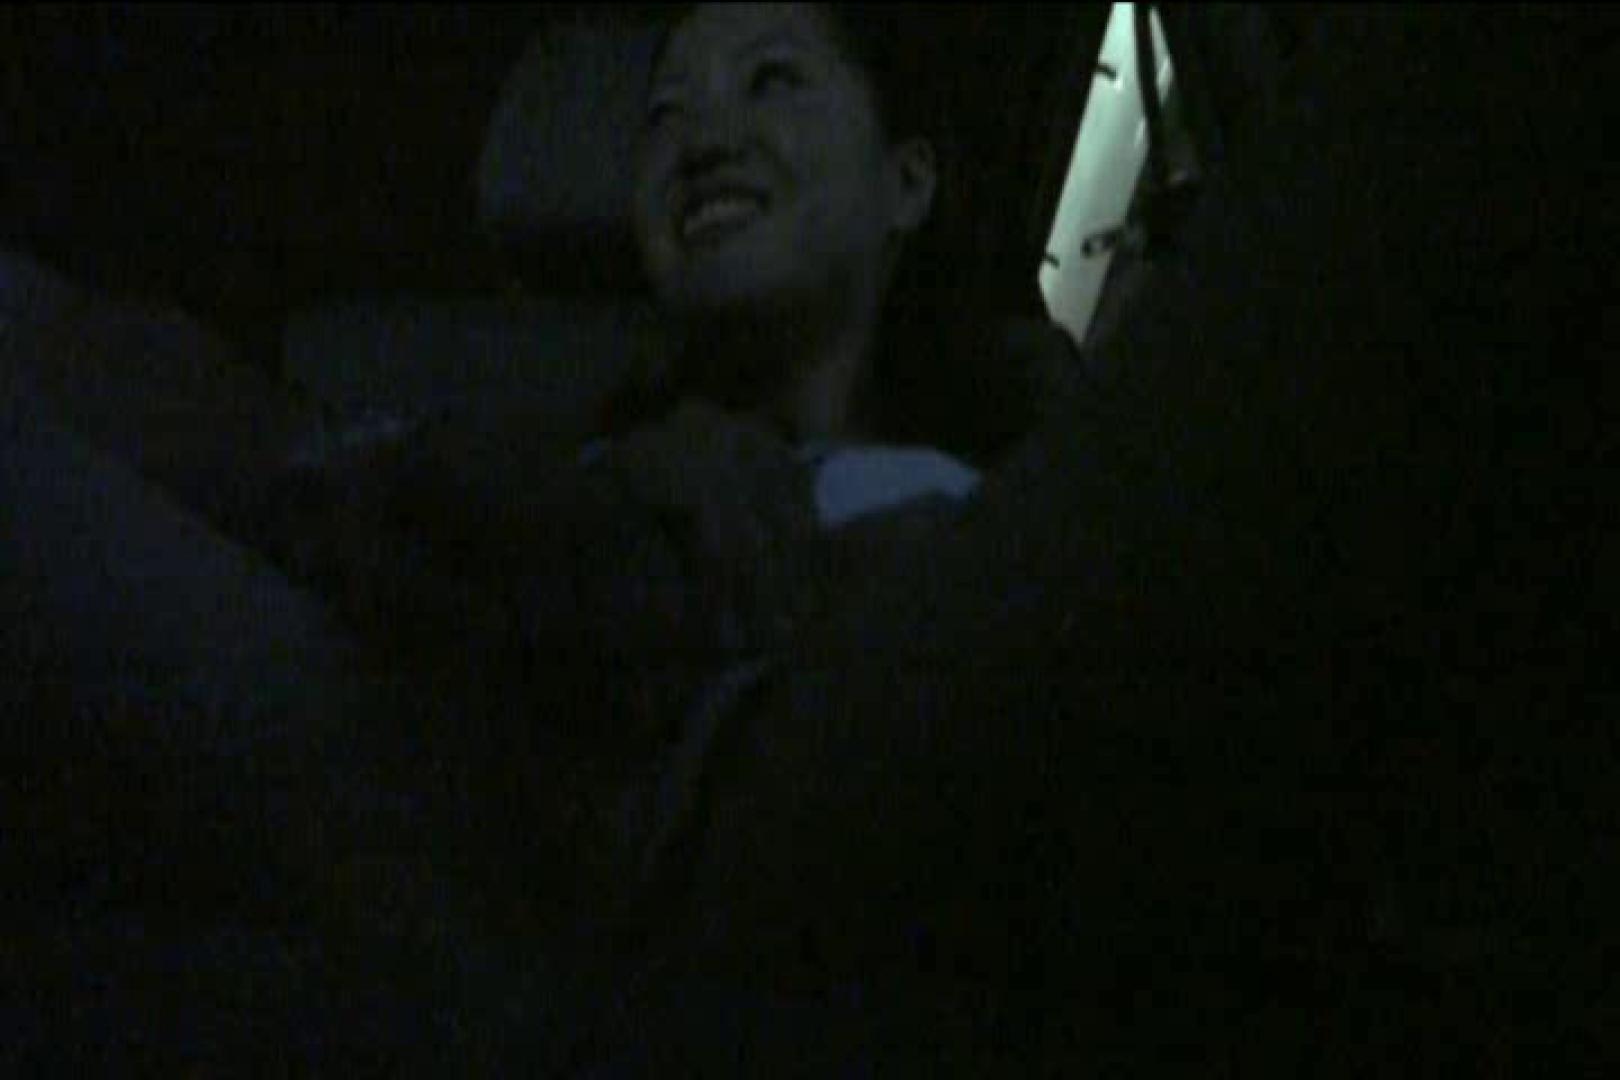 車内で初めまして! vol01 ハプニング   盗撮  68pic 64